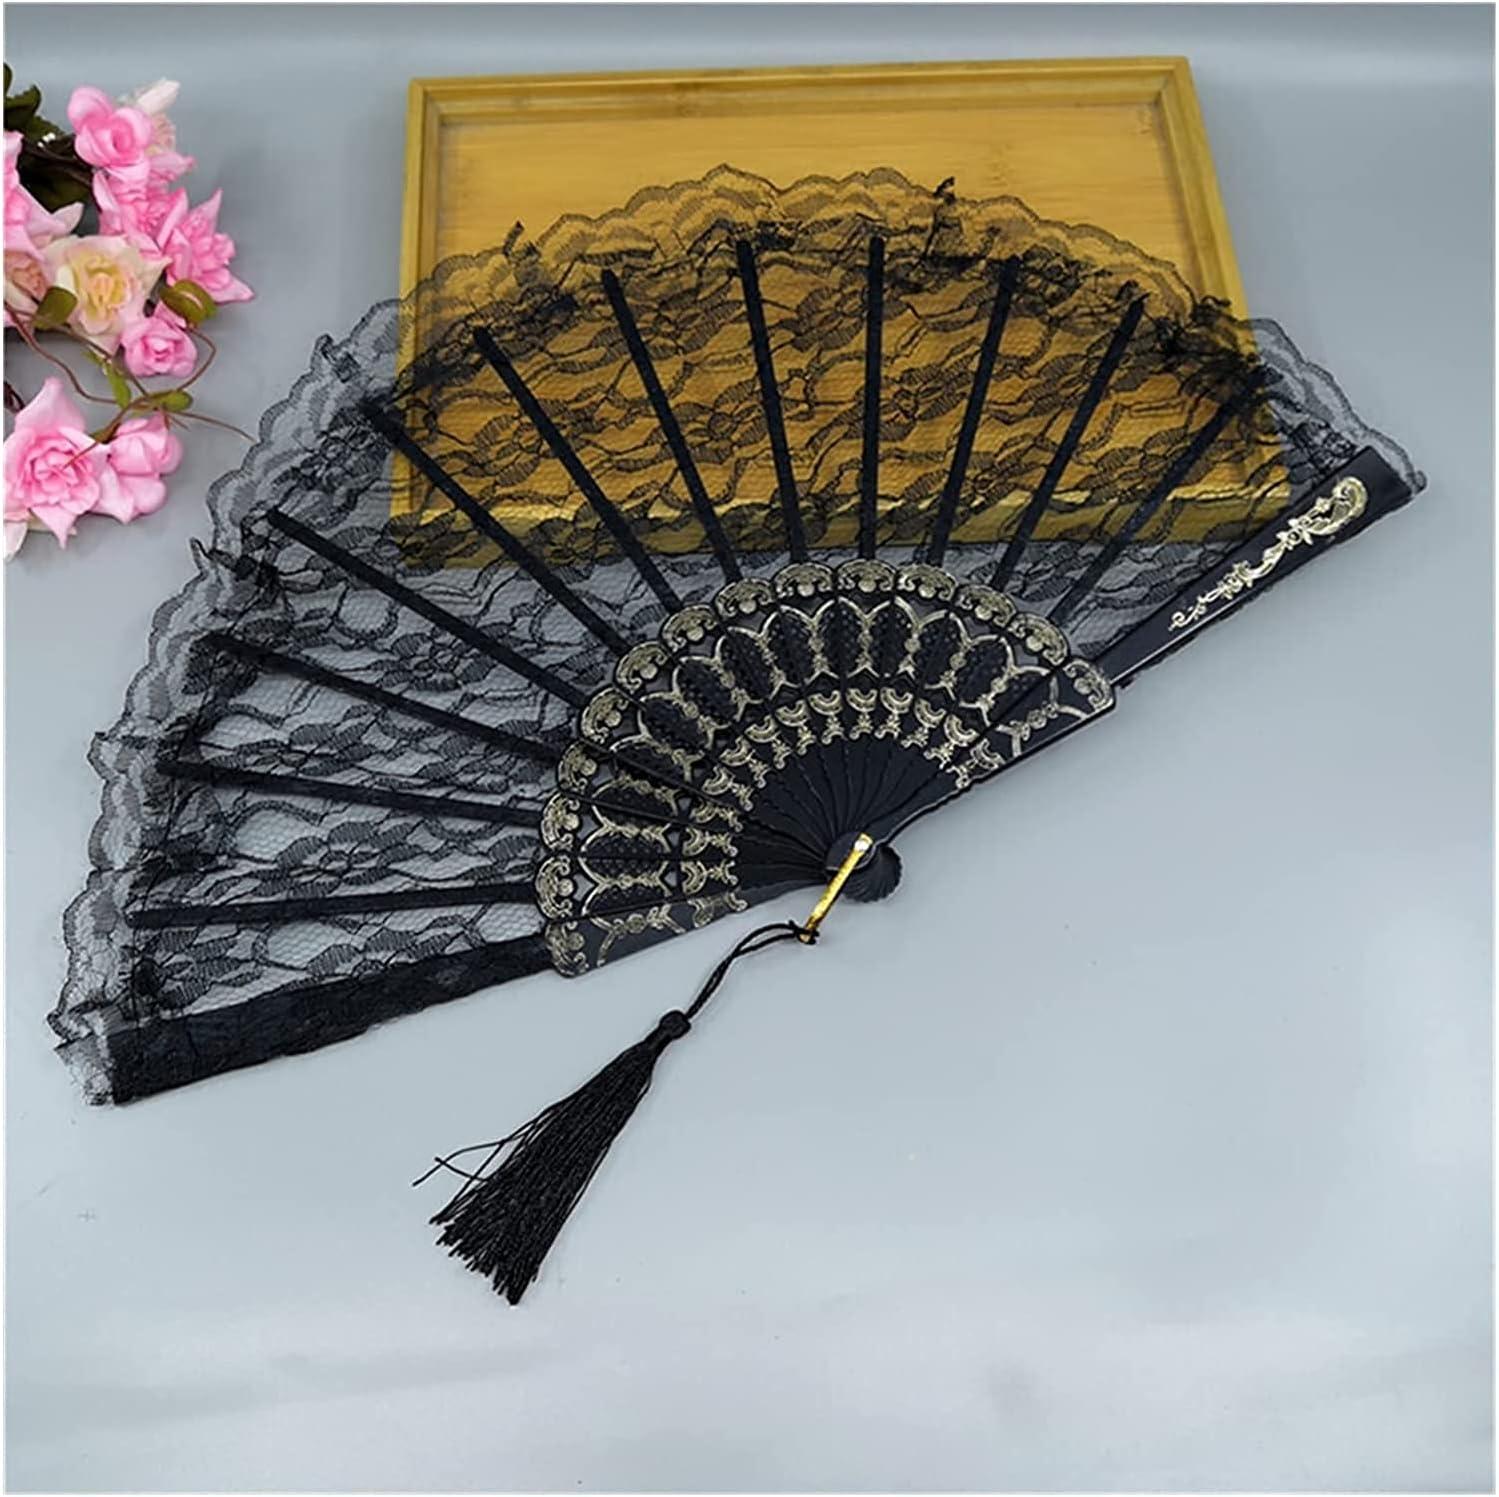 hermosa 23 cm de encaje delgado ventilador de plástico hueso a mano ventilador arte arte regalo lolita japonés dulce niña danza foto accesorios de la decoración de la decoración de la danza del partid